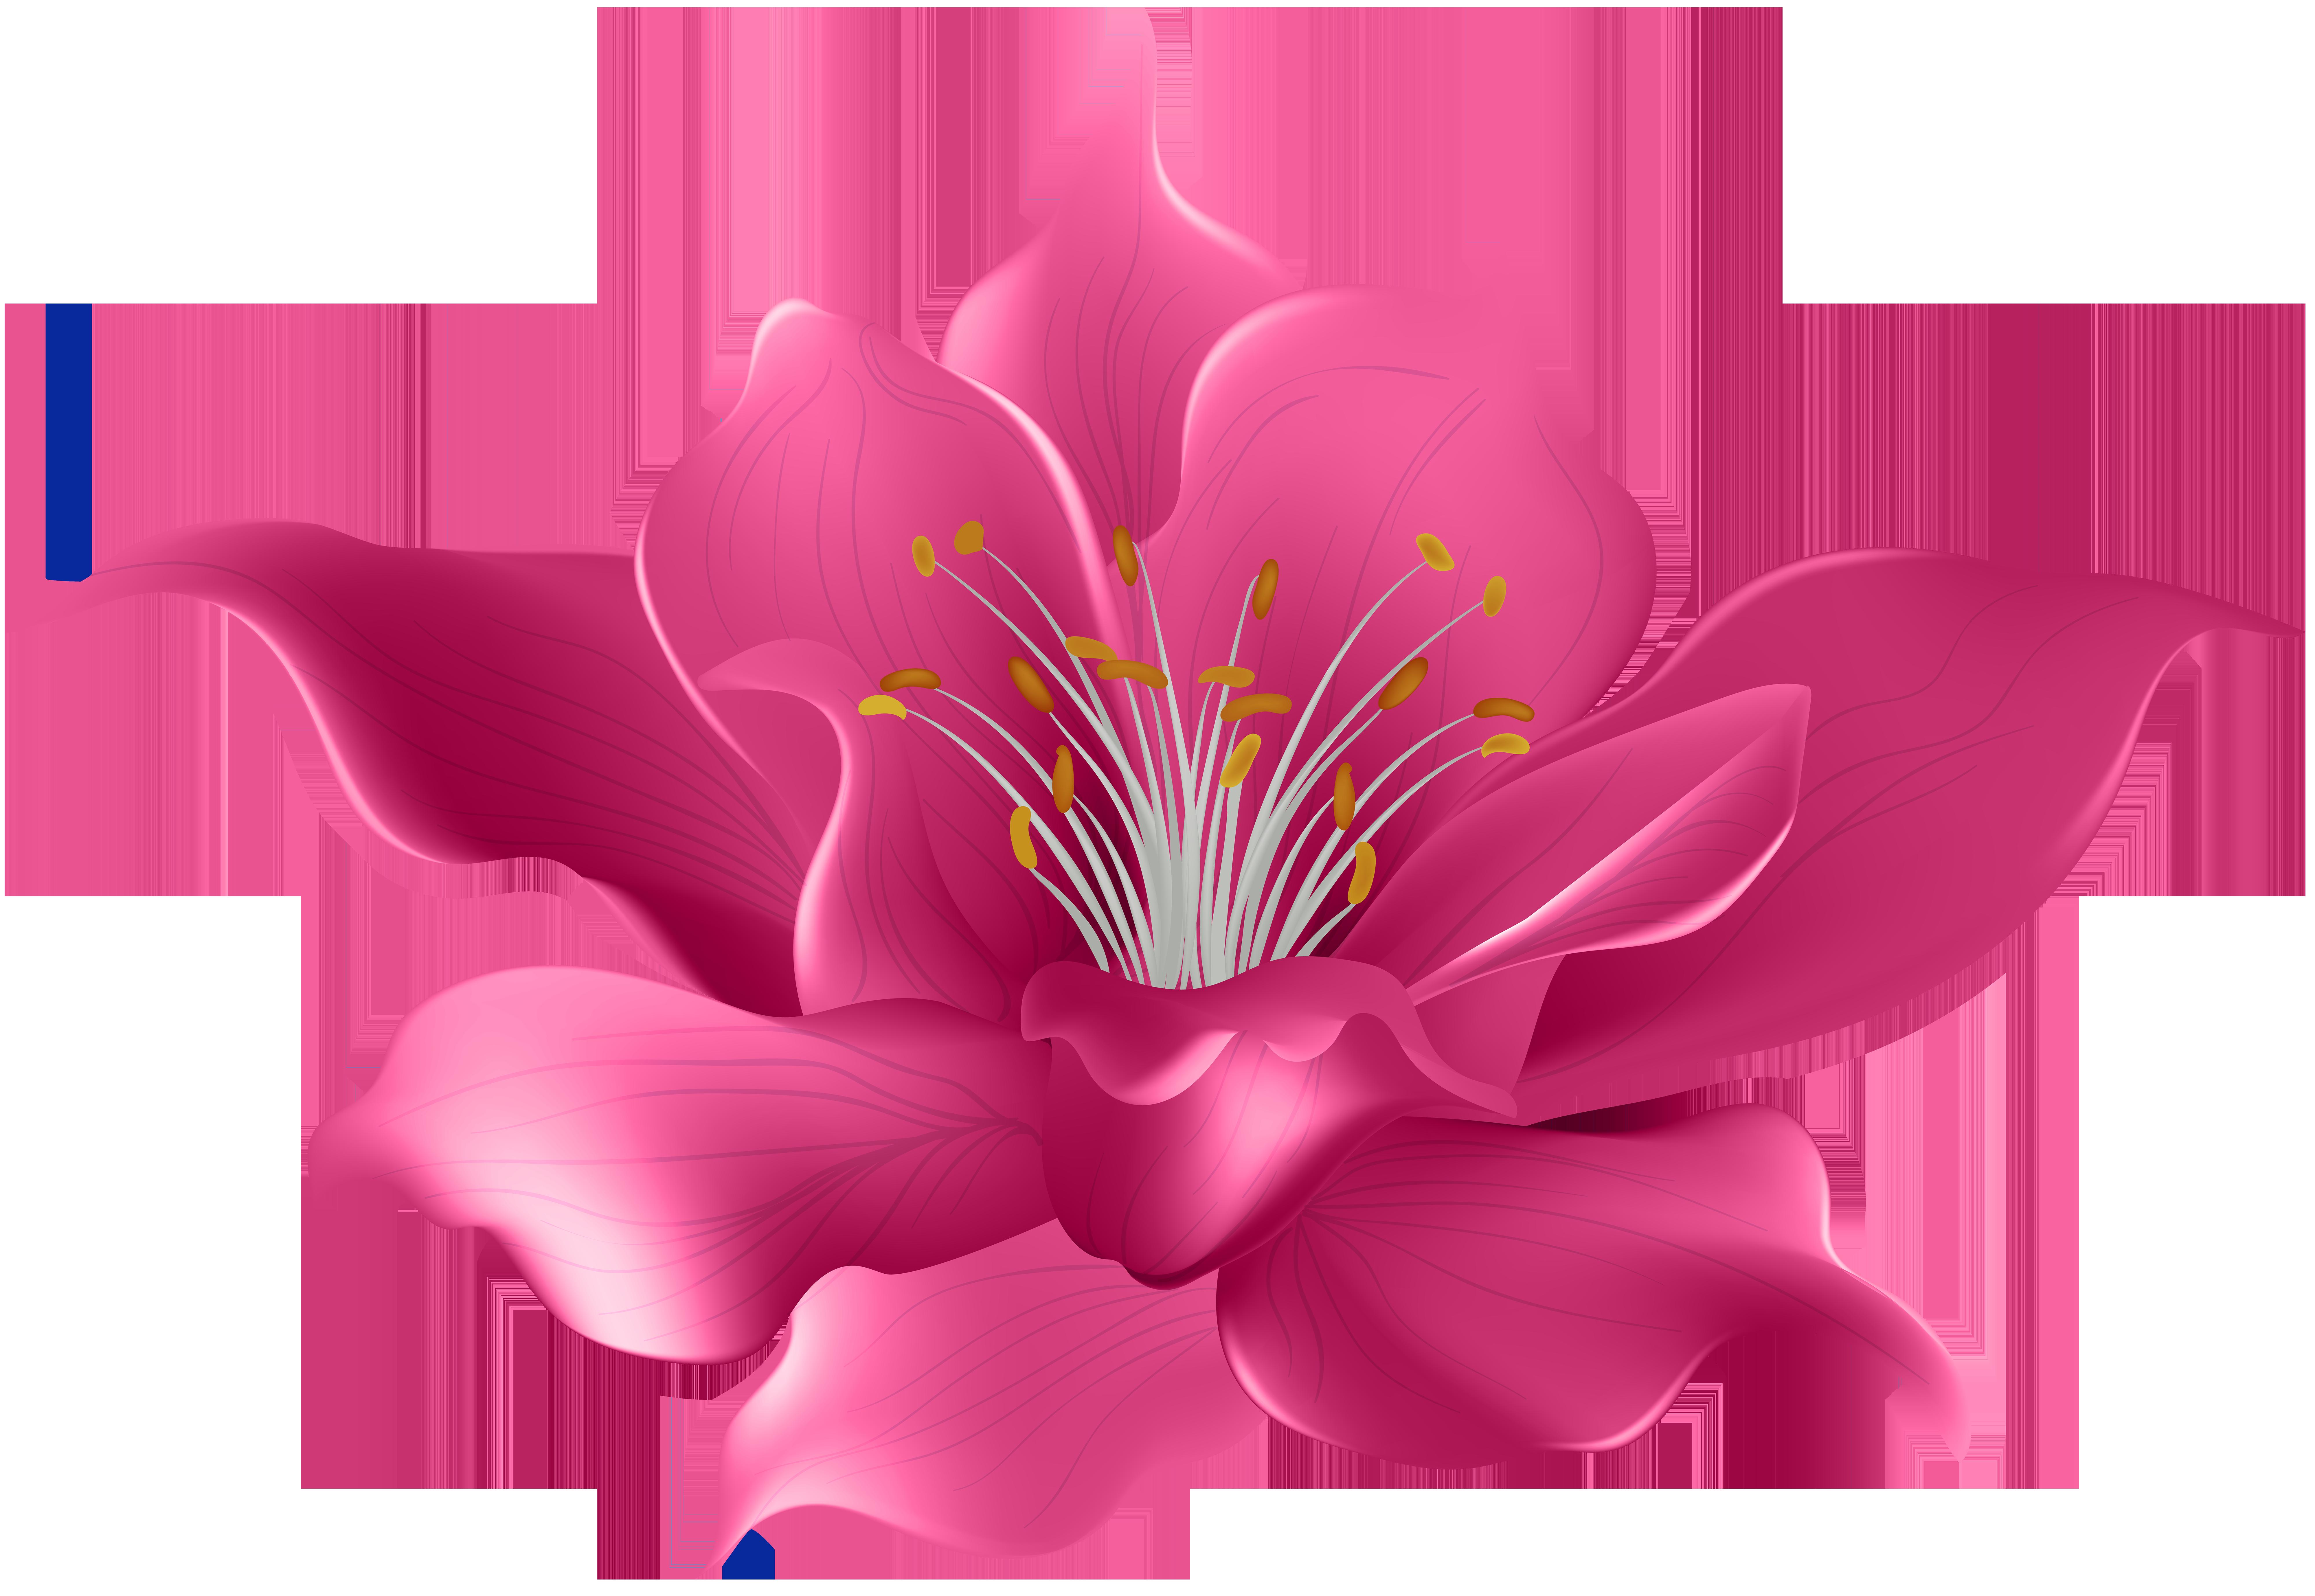 Pink Flower Transparent Clip Art Image.